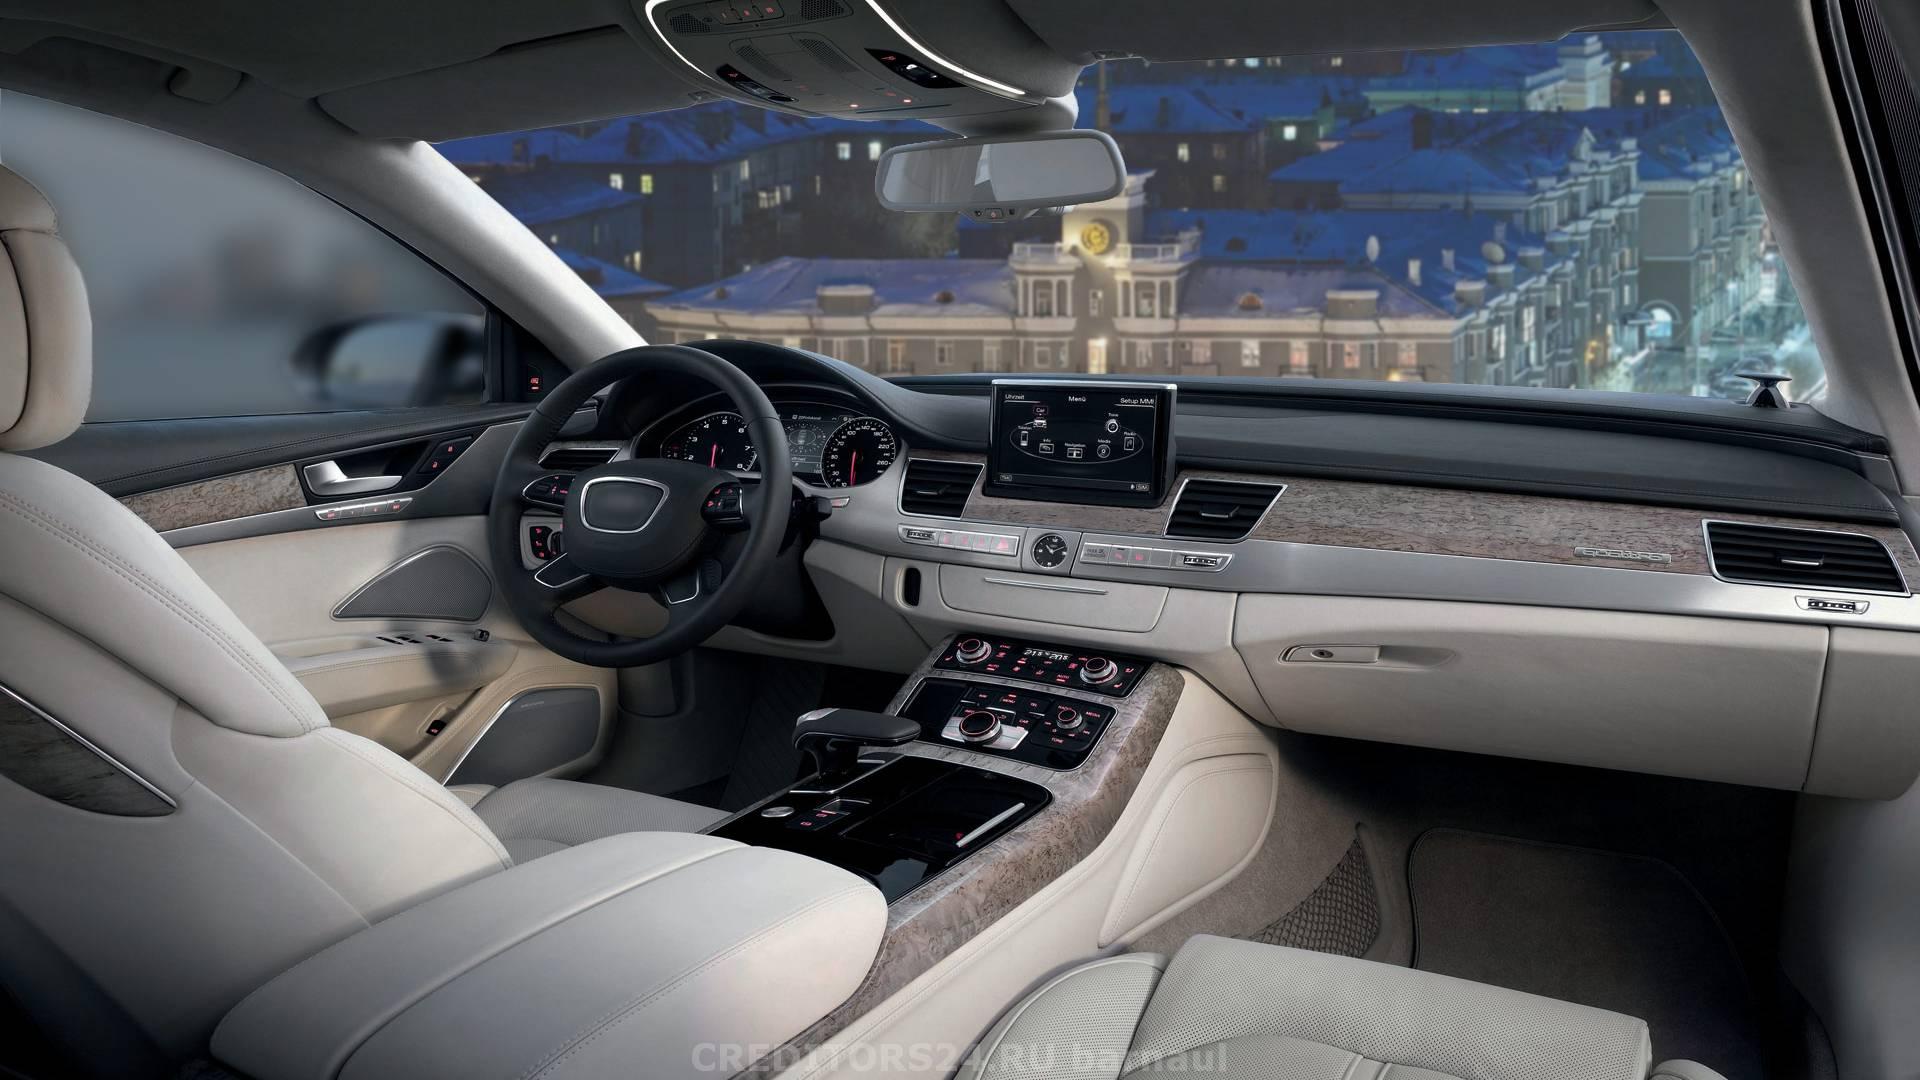 Кредит под залог птс автомобиля в барнауле шоссе 61 автосалон в москве отзывы